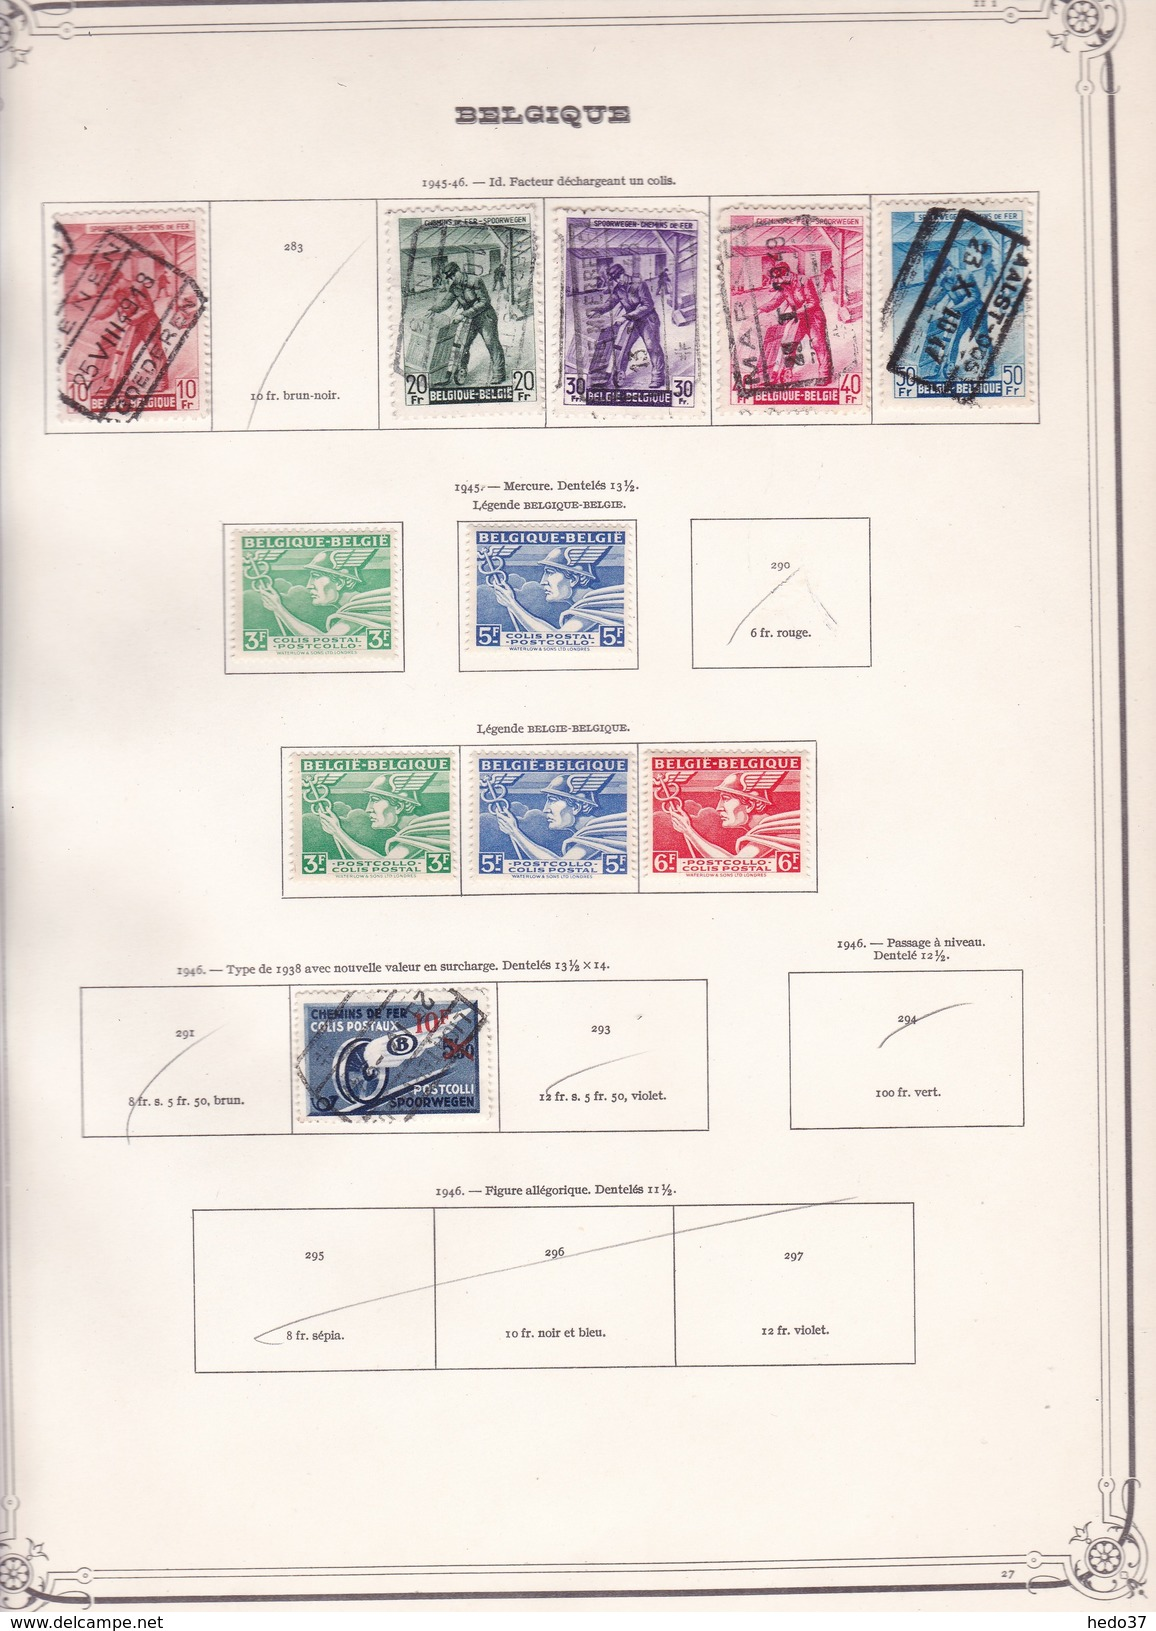 Belgique Colis Postaux - Collection Vendue Page Par Page - Timbres Oblitérés / Neufs */** - B/TB - Bahnwesen